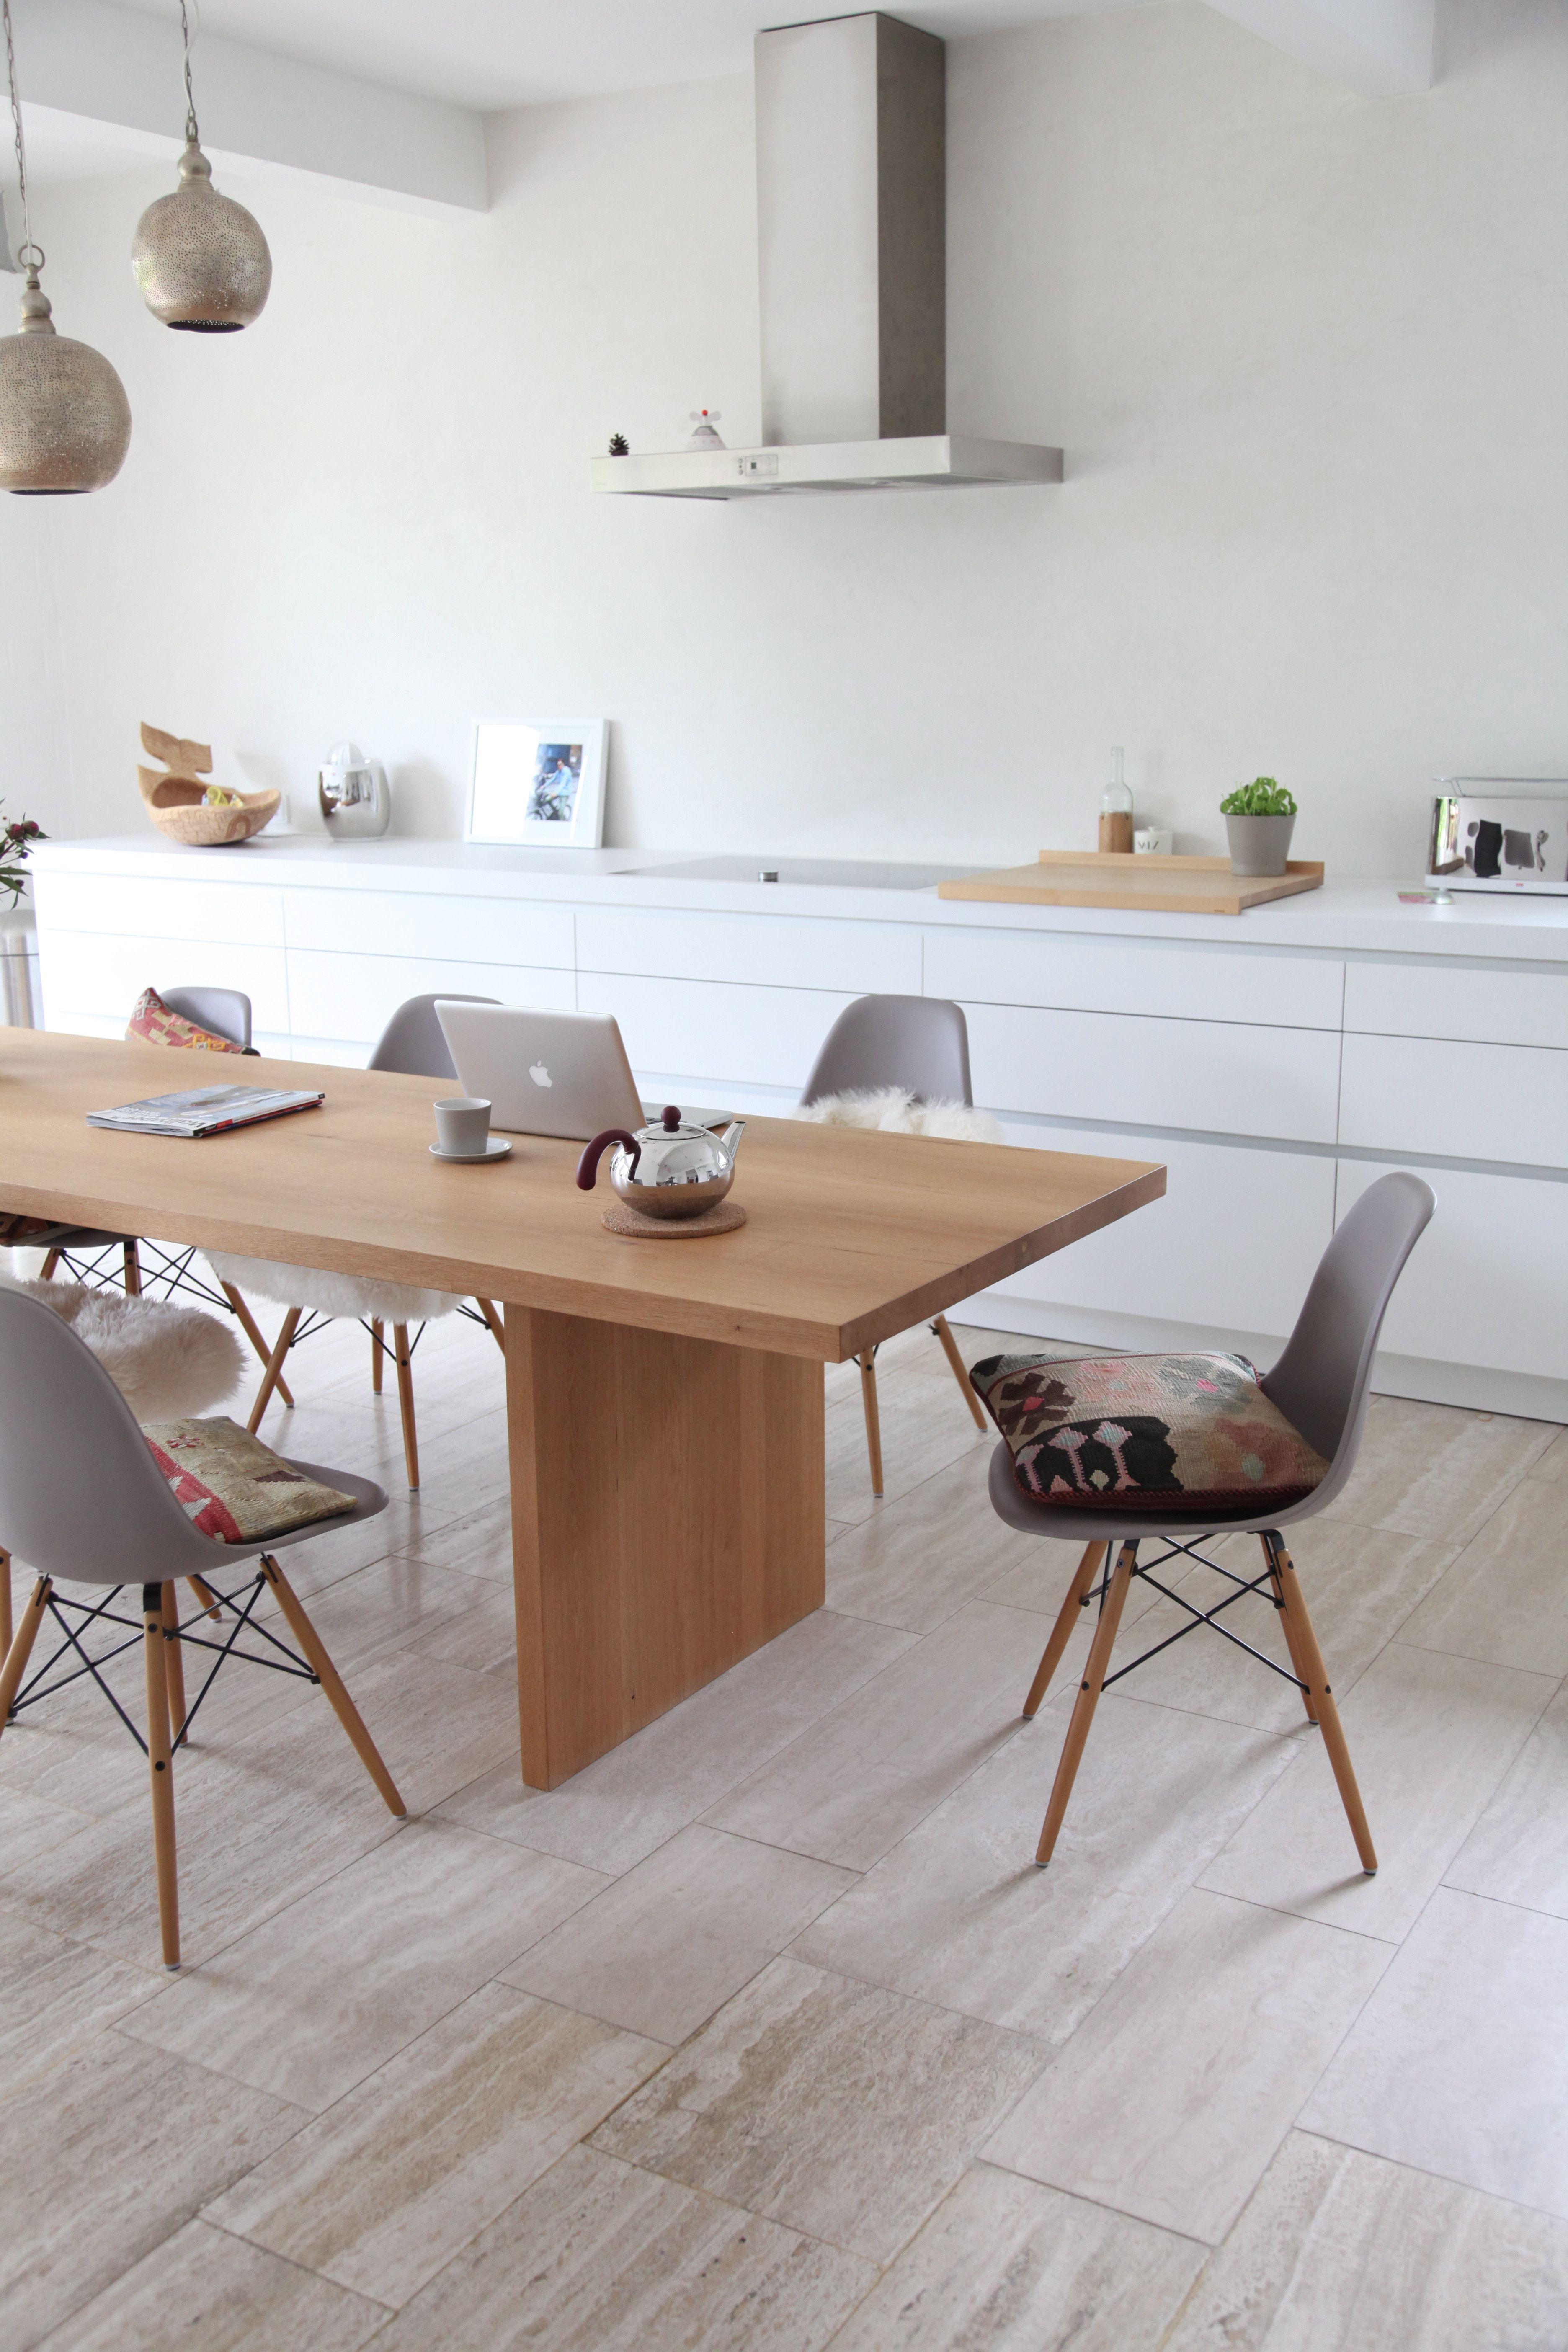 k che wei und holz k che landhausstil holz ikea esche installationsleitfaden team 7. Black Bedroom Furniture Sets. Home Design Ideas